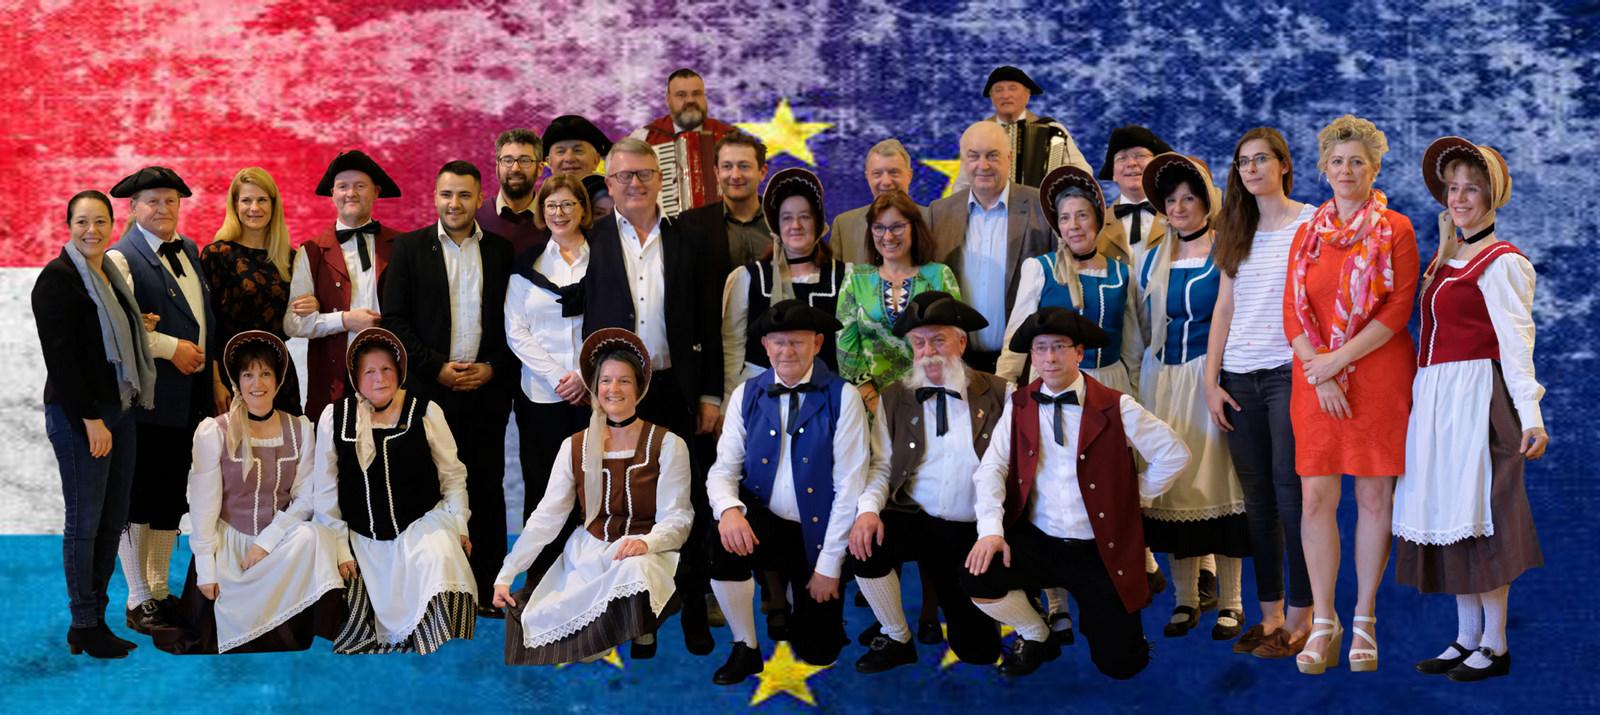 slideshowEuropafest01